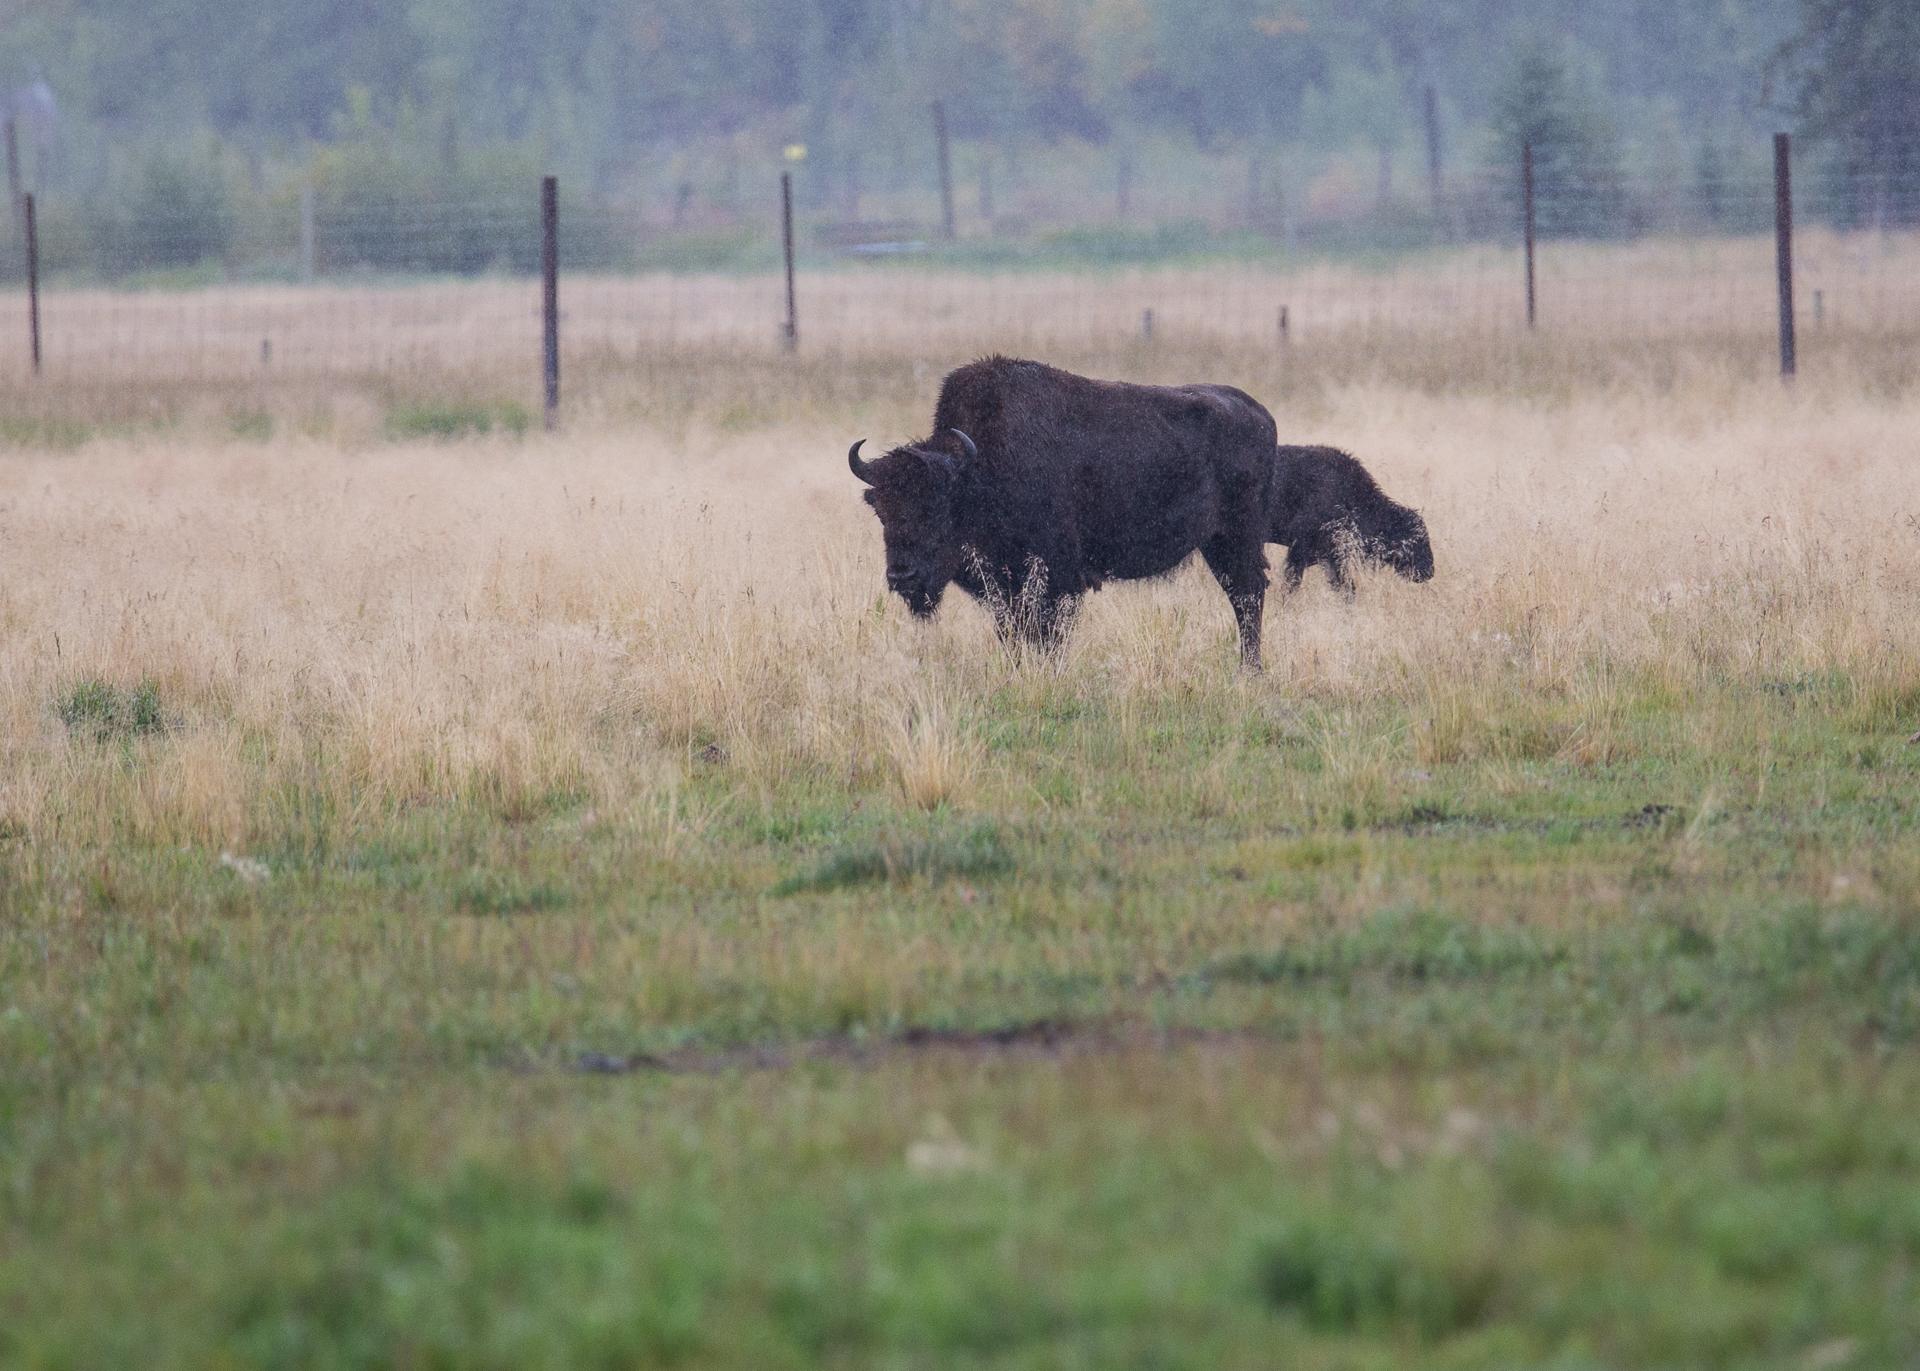 Part of the herd of bison.